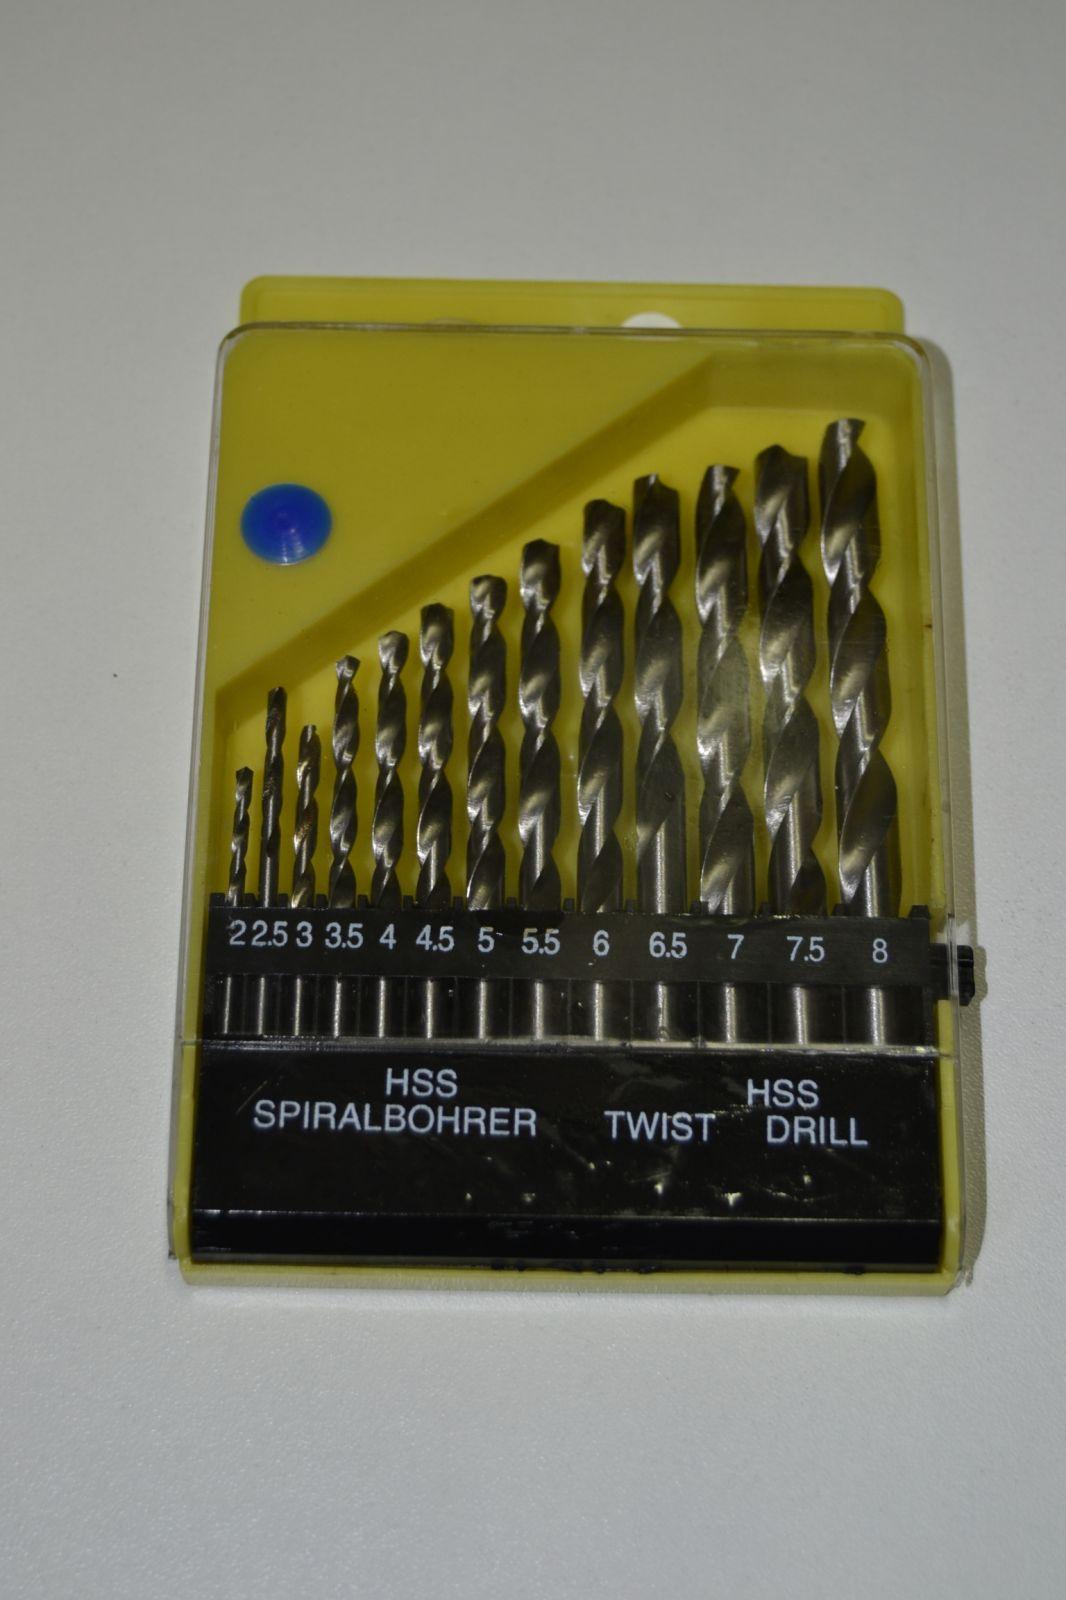 Sada vrtáků do kovu - 13ks - HSS drill - stříbrné